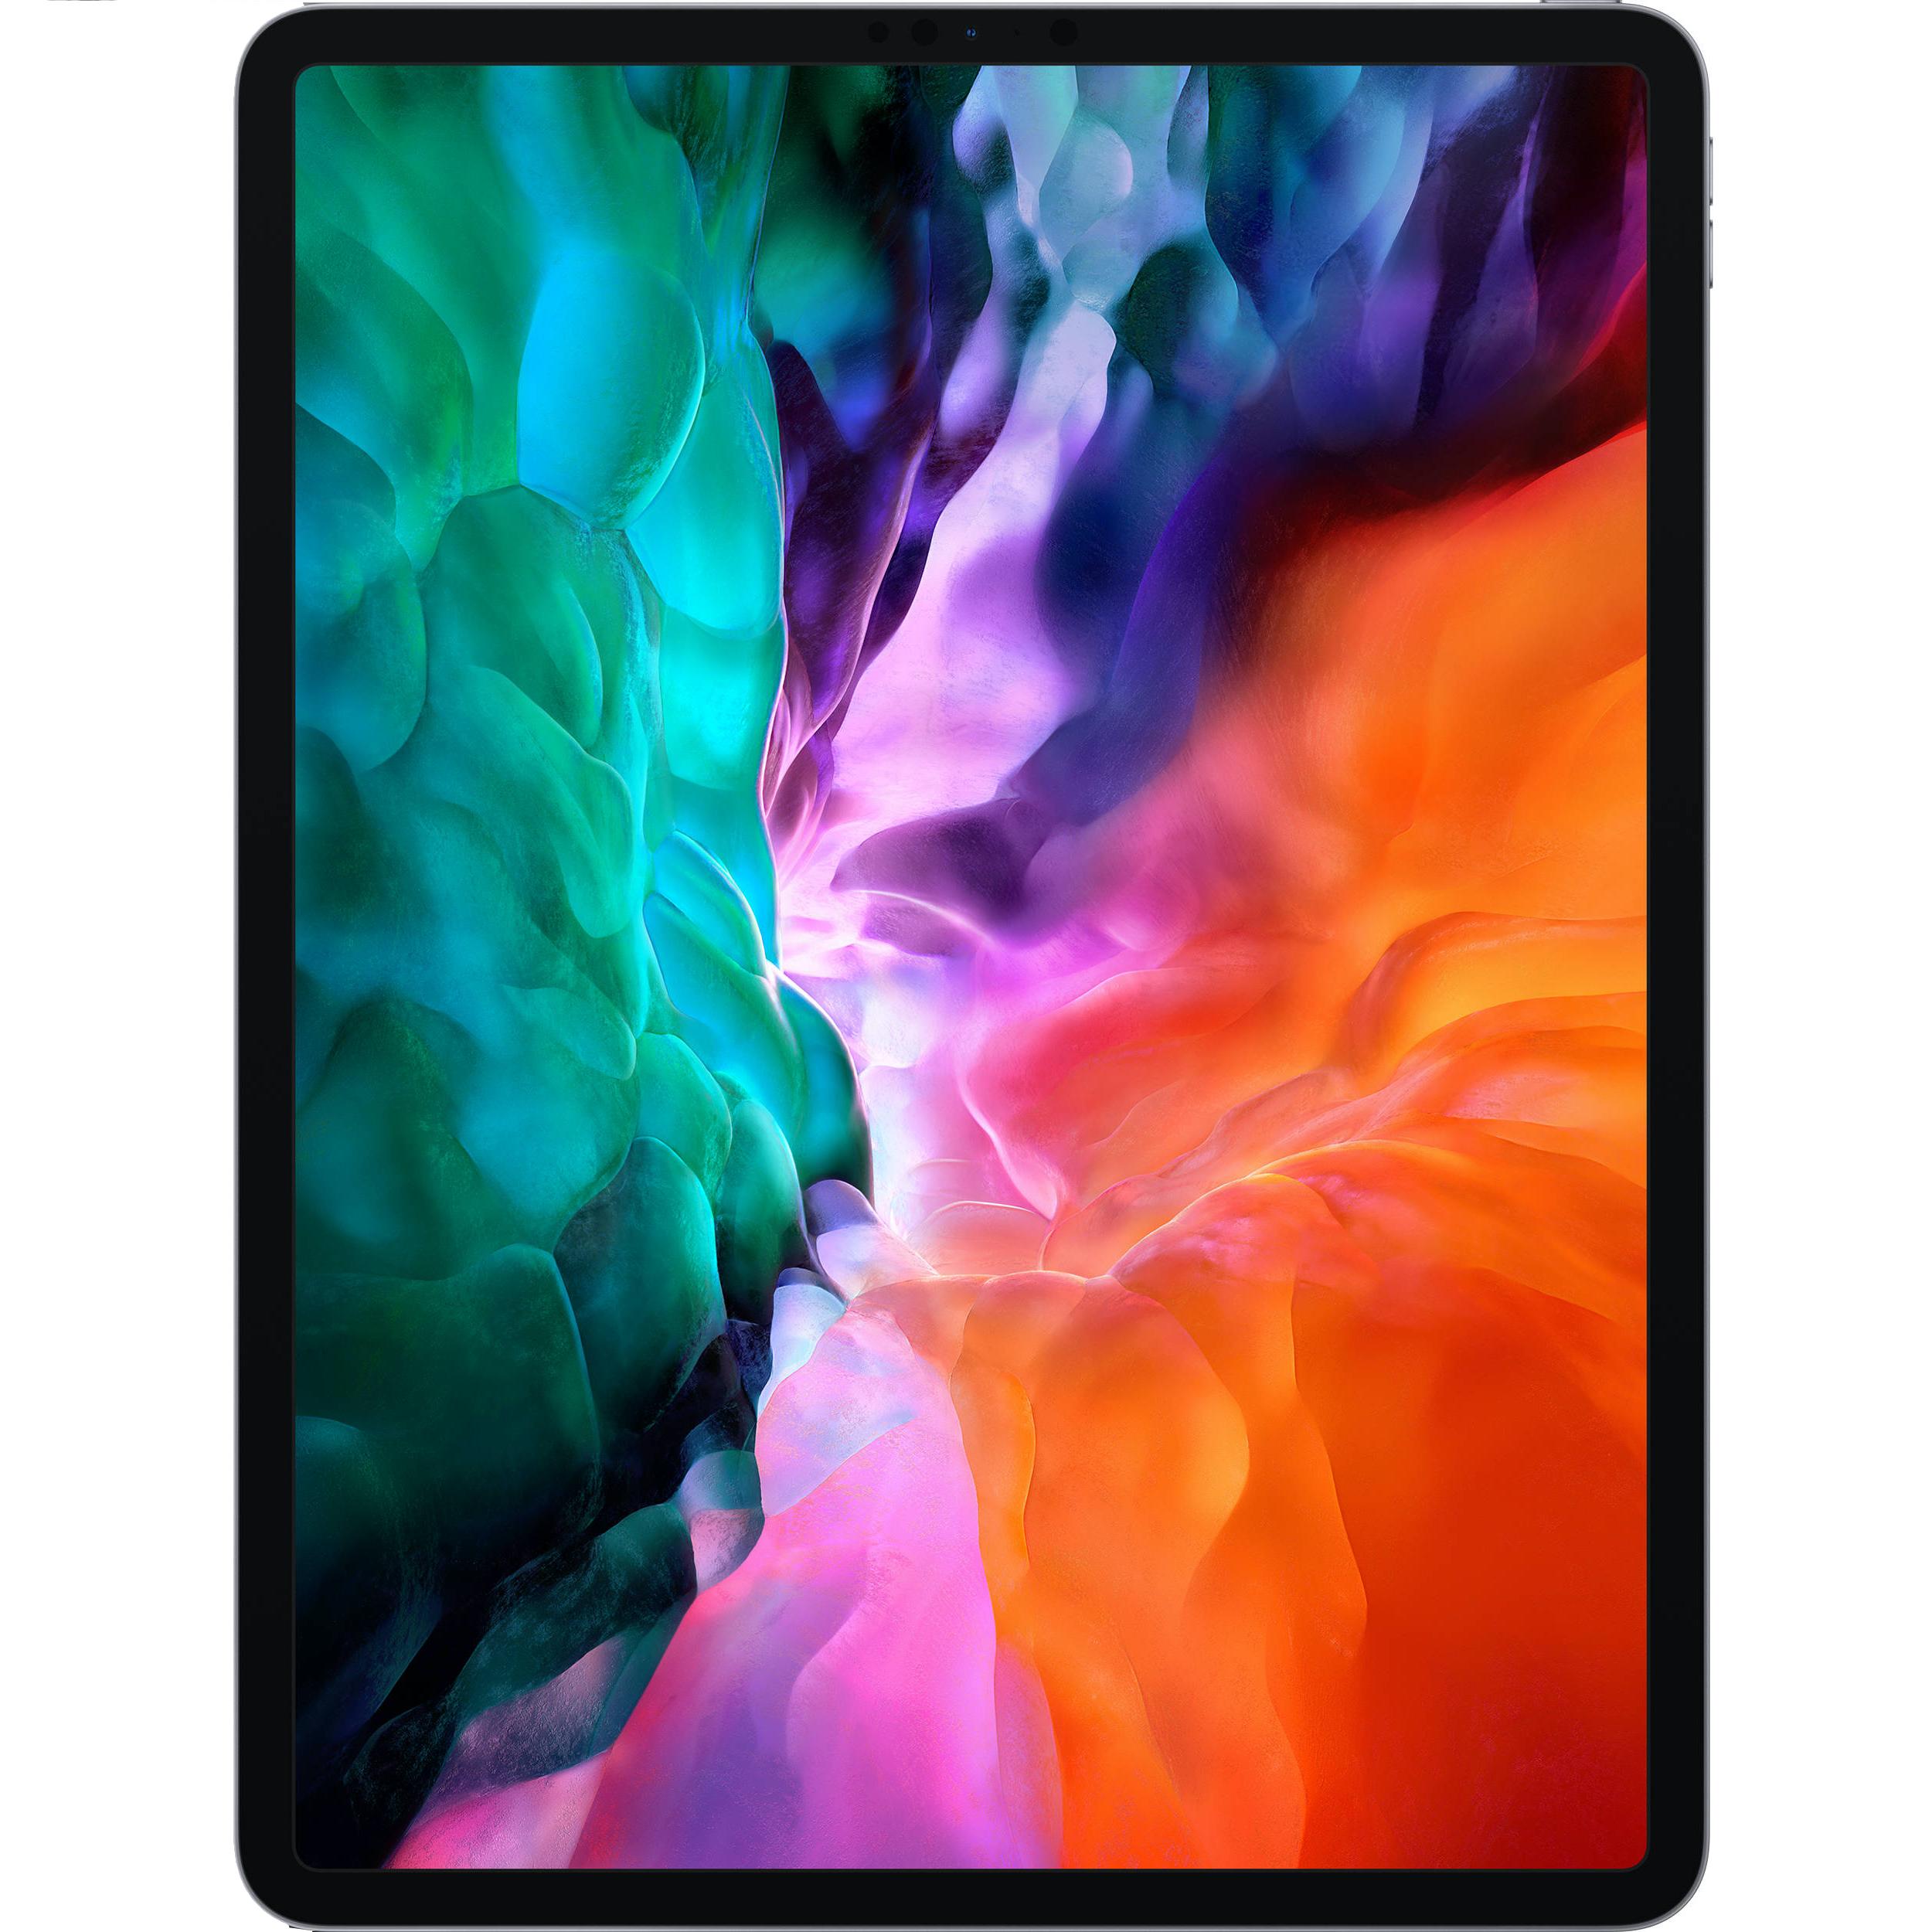 تبلت اپل مدل iPad Pro 12.9 inch 2020 WiFi ظرفیت 512 گیگابایت